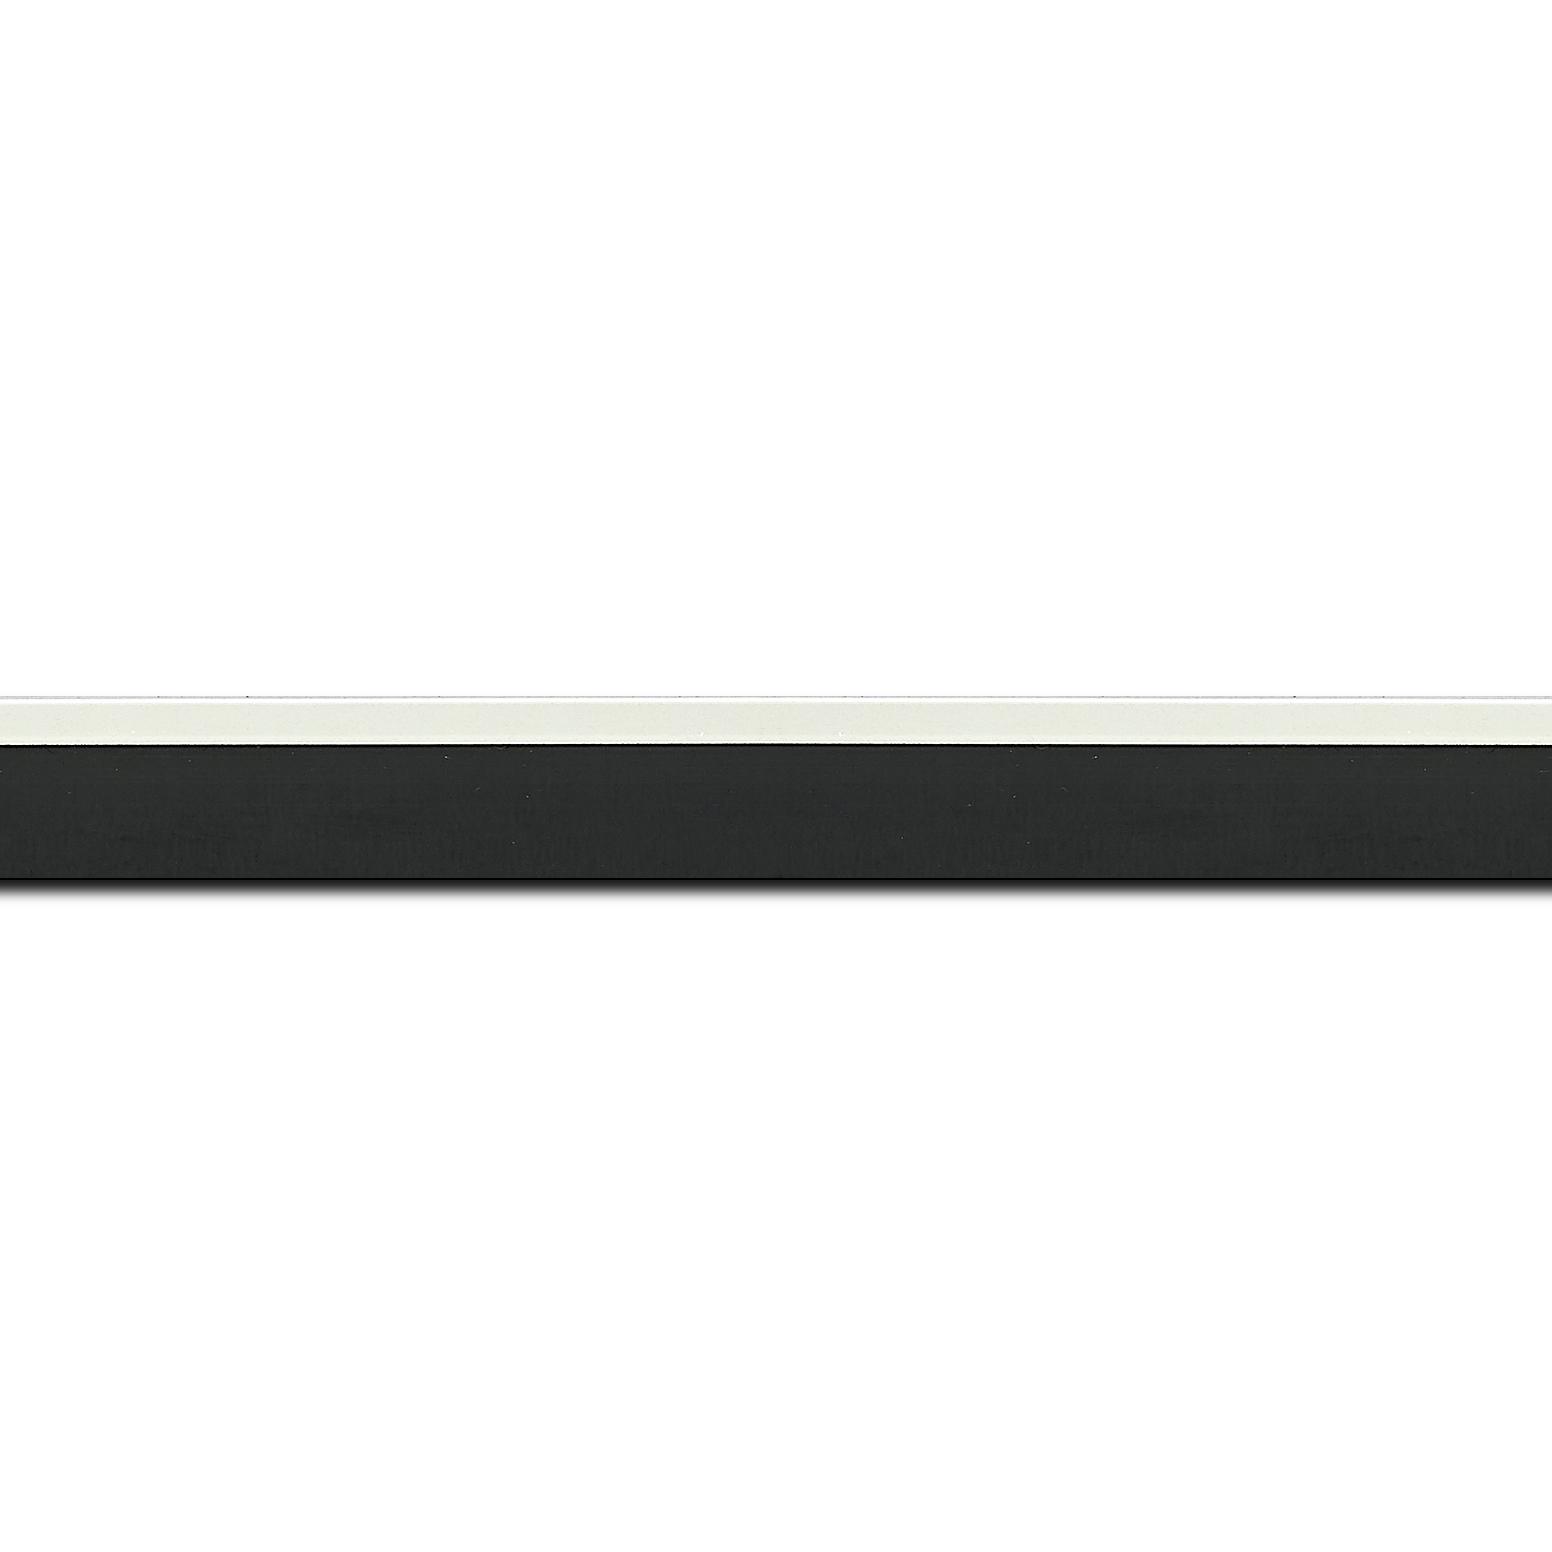 Pack par 12m, bois profil en pente plongeant largeur 2.2cm couleur noir laqué filet extérieur blanc laqué(longueur baguette pouvant varier entre 2.40m et 3m selon arrivage des bois)